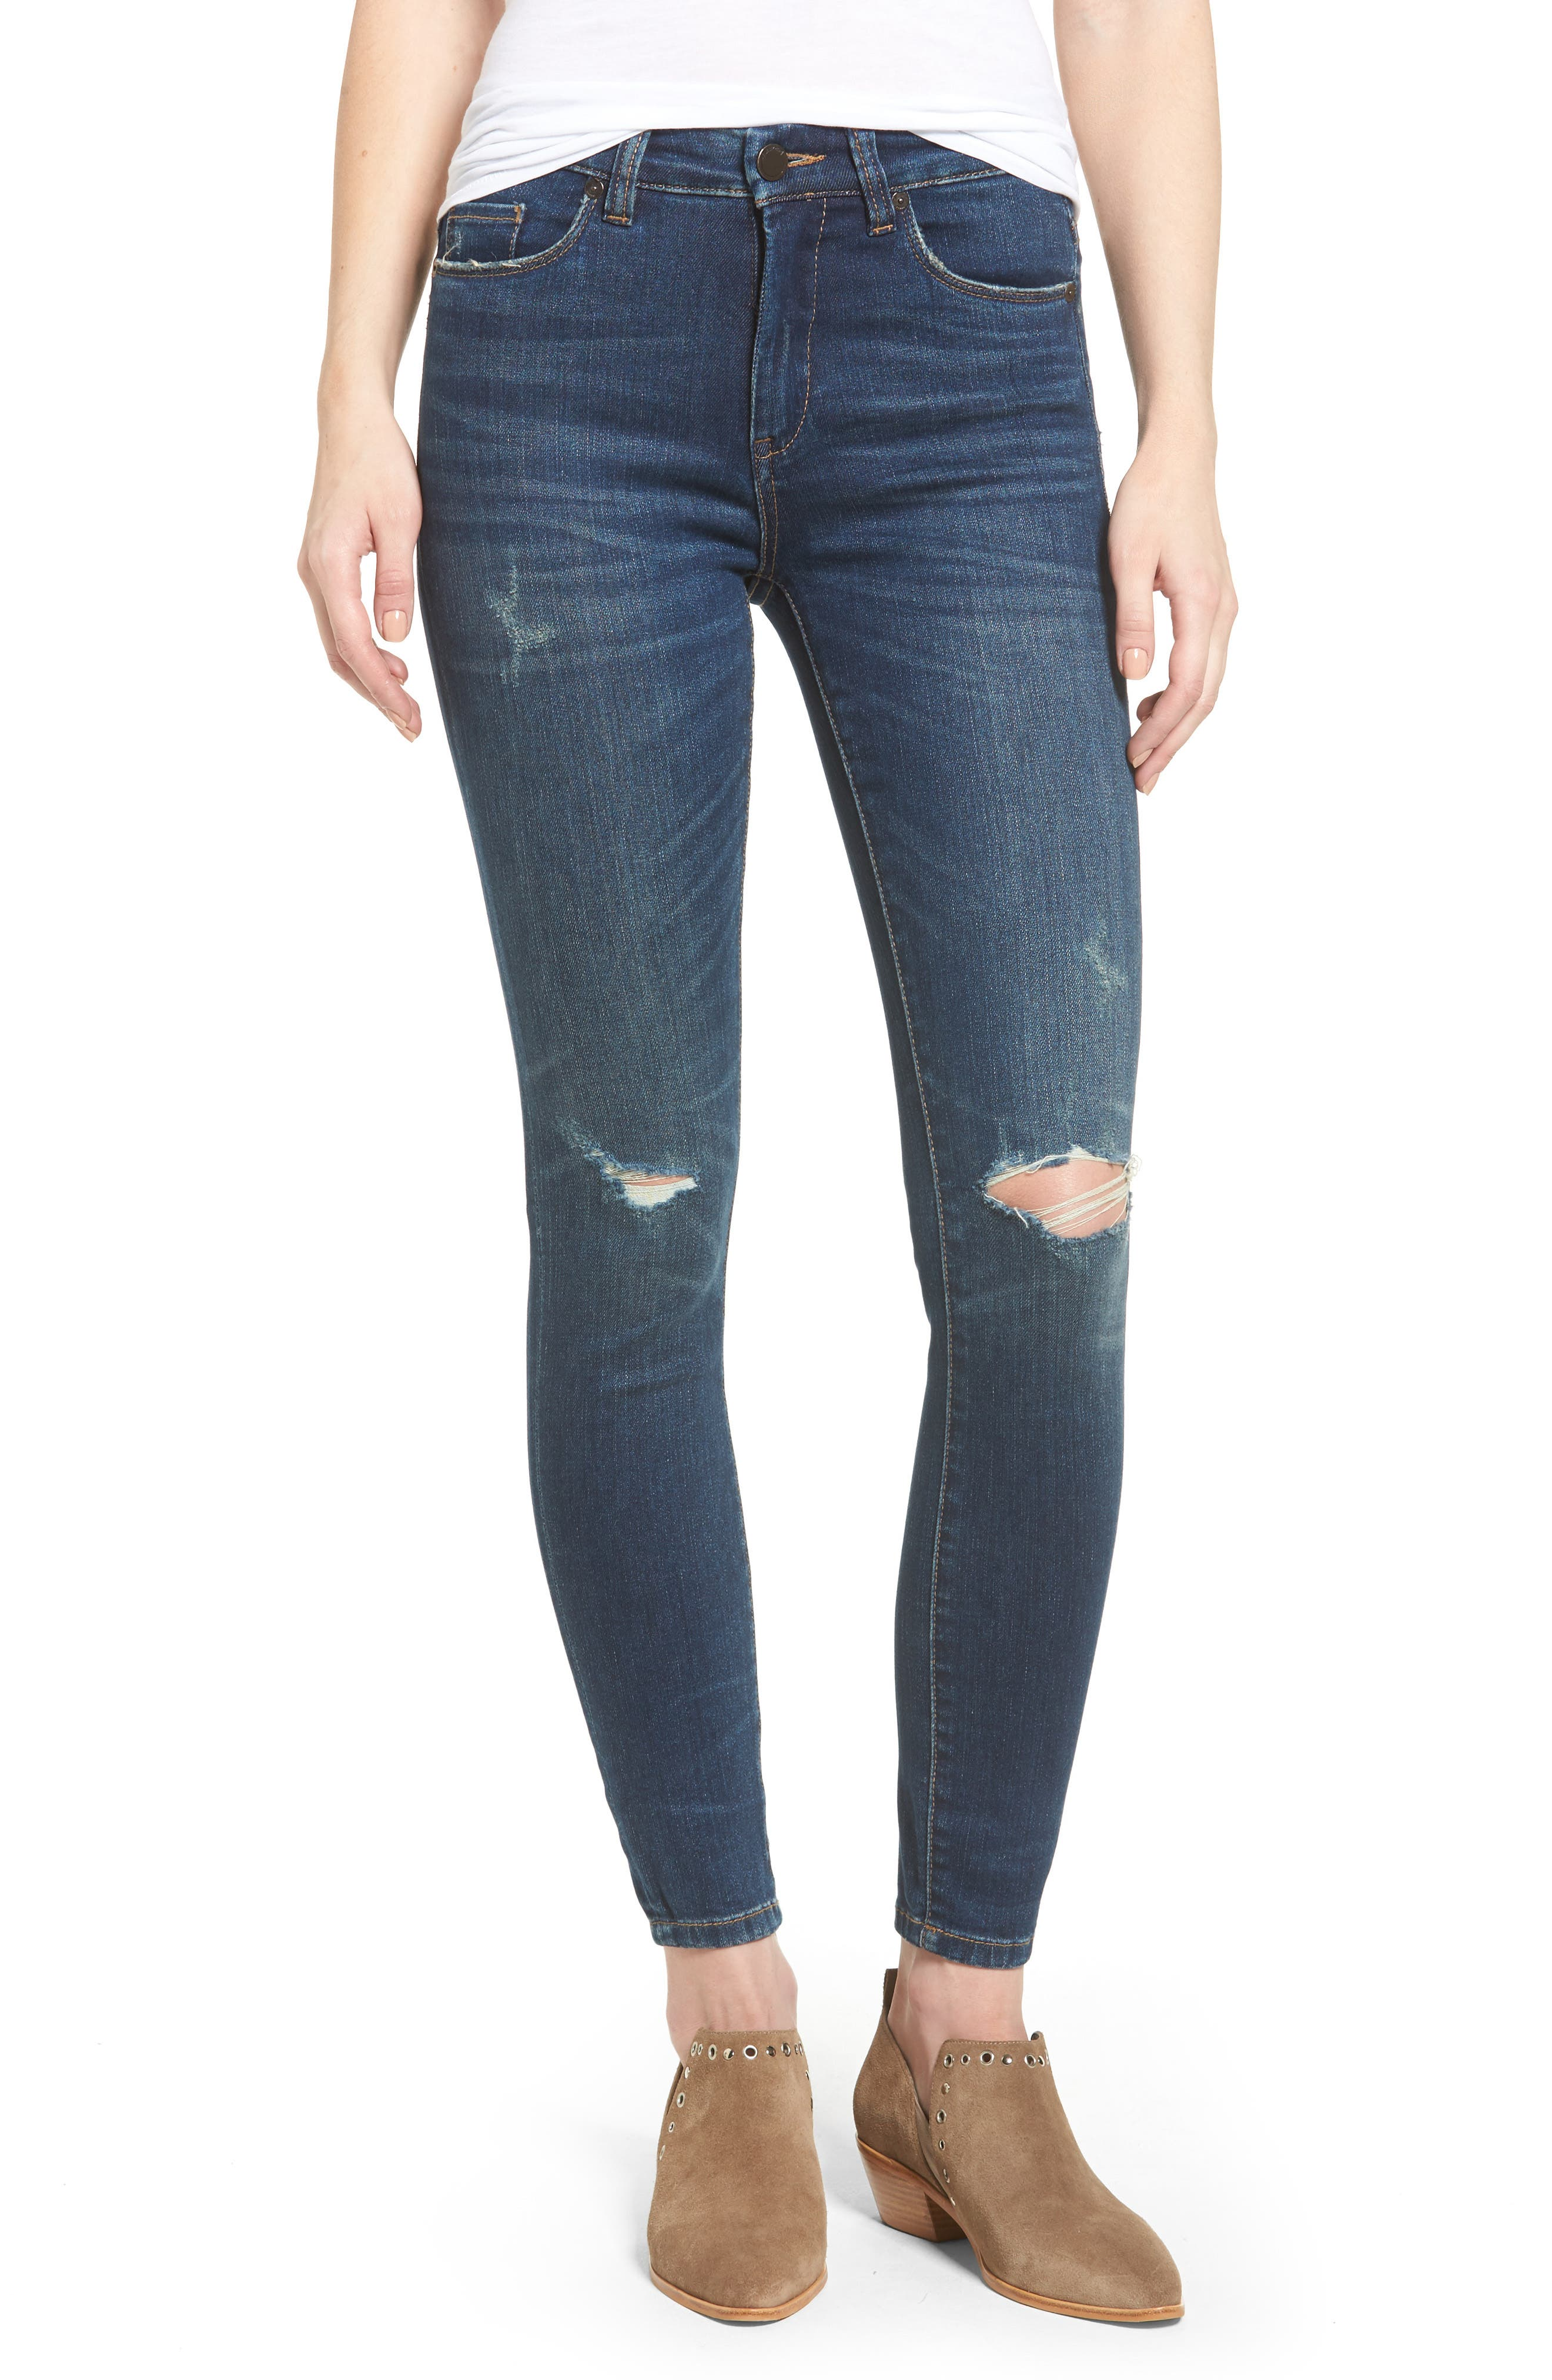 Mens jeans design legends jeans - Mens Jeans Design Legends Jeans 40